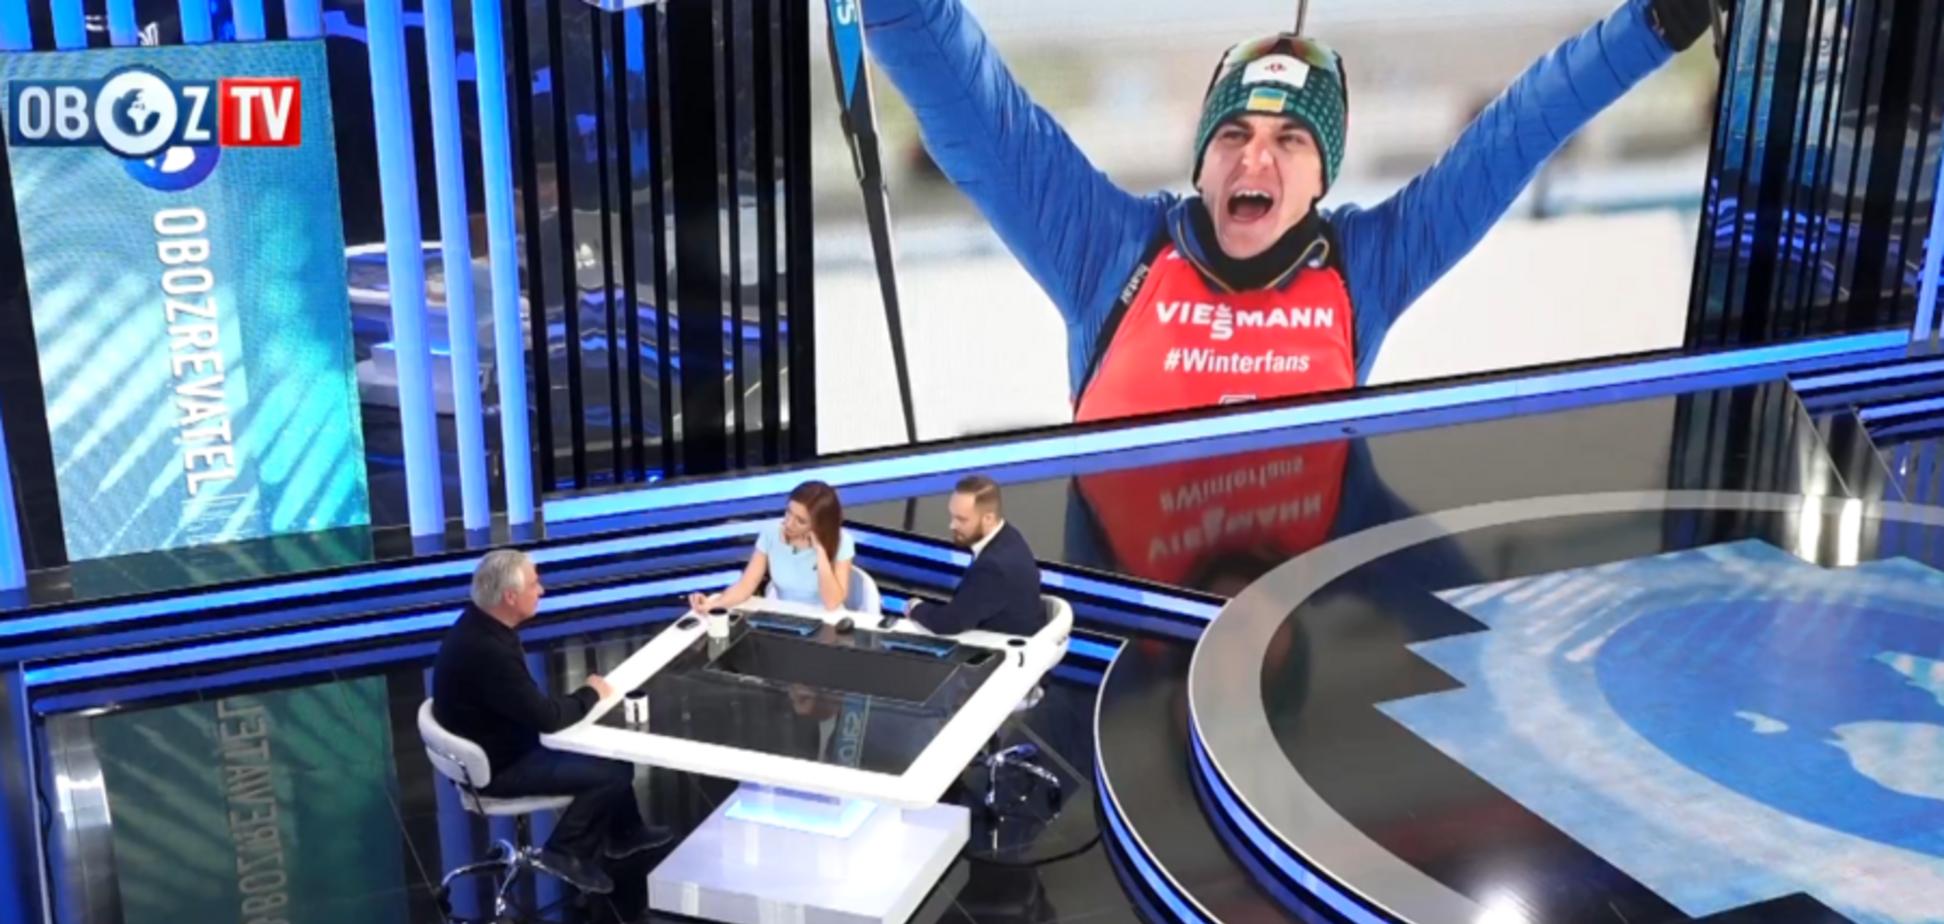 ''Виступами збірної задоволений'': президент федерації біатлону України підбив підсумки сезону